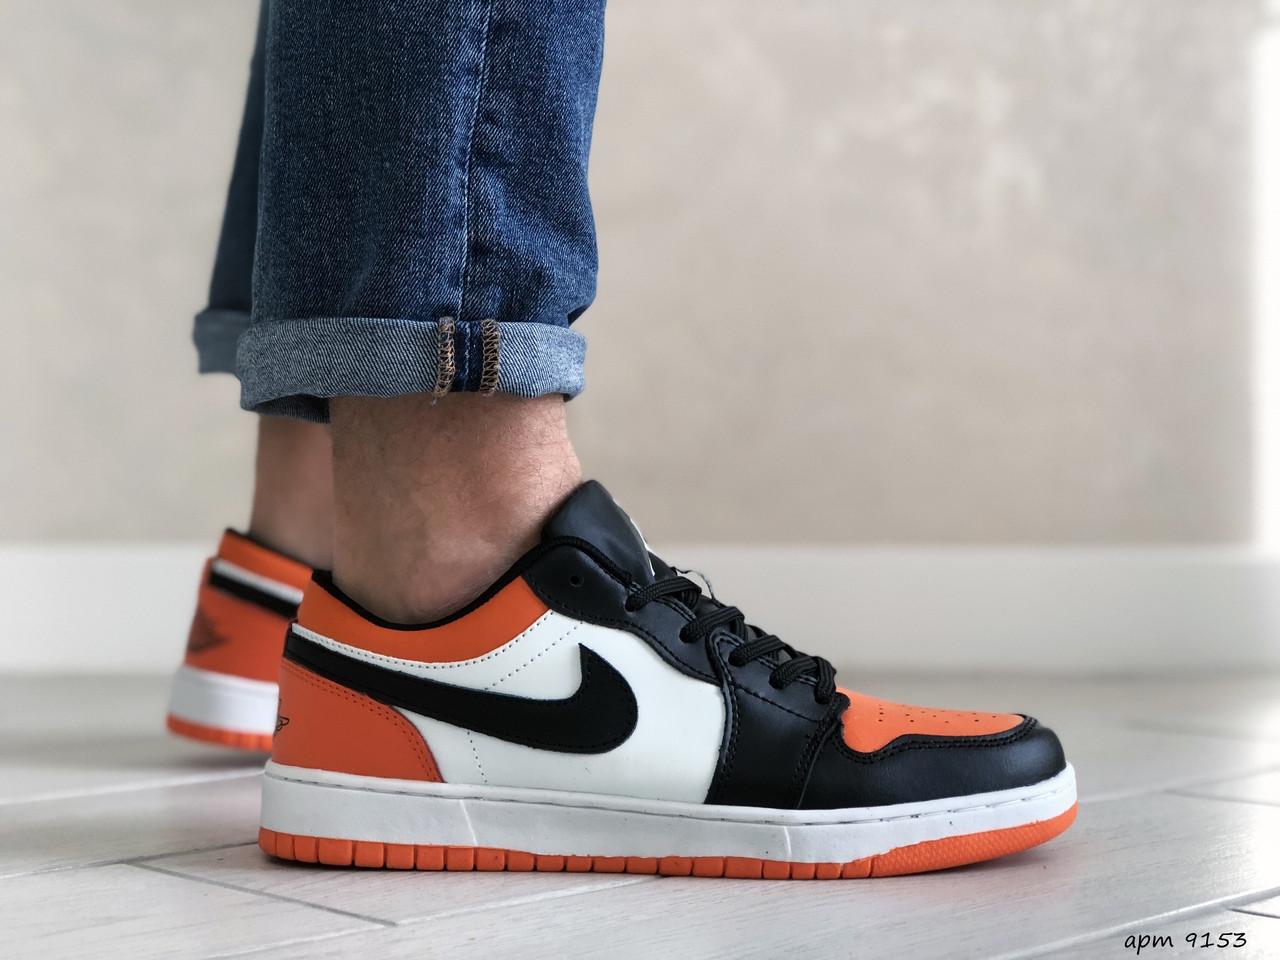 Чоловічі шкіряні кросівки Nike Air Jordan 1 Low (біло-помаранчеві) 9153